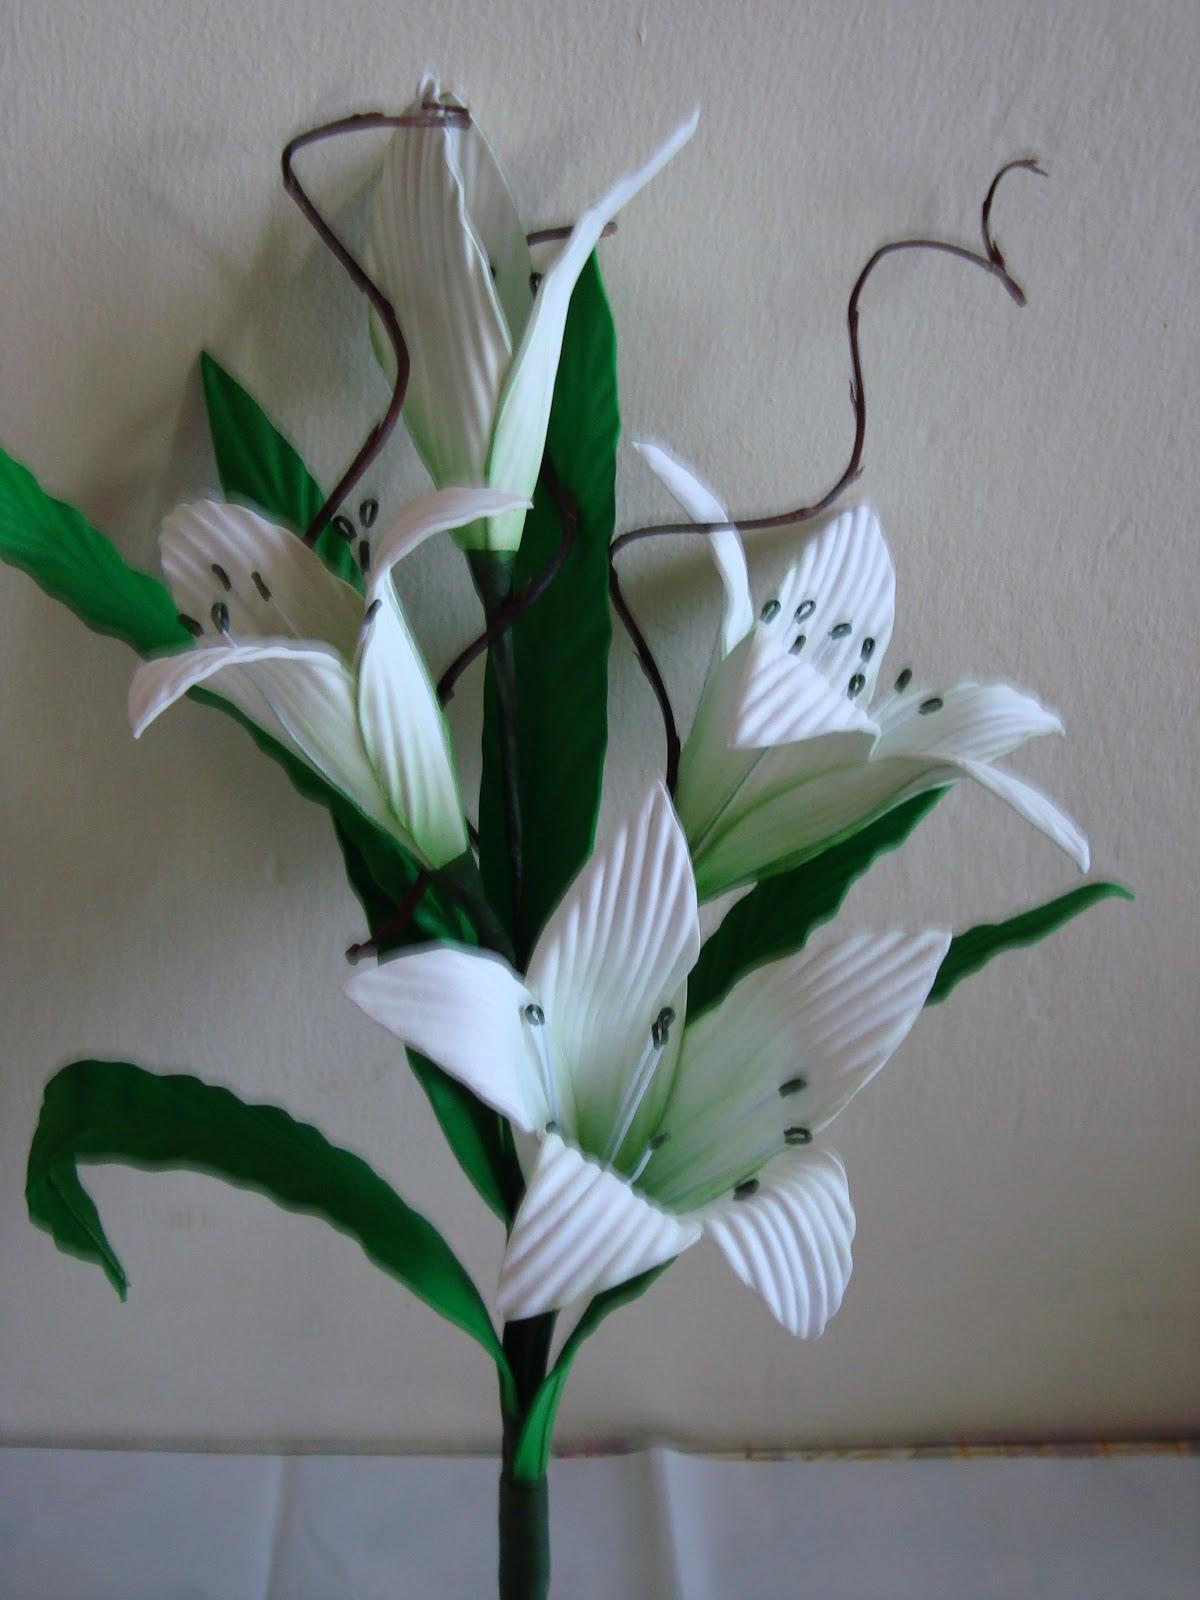 de eva drisol artes lírios flores de eva drisol artes copo de leite